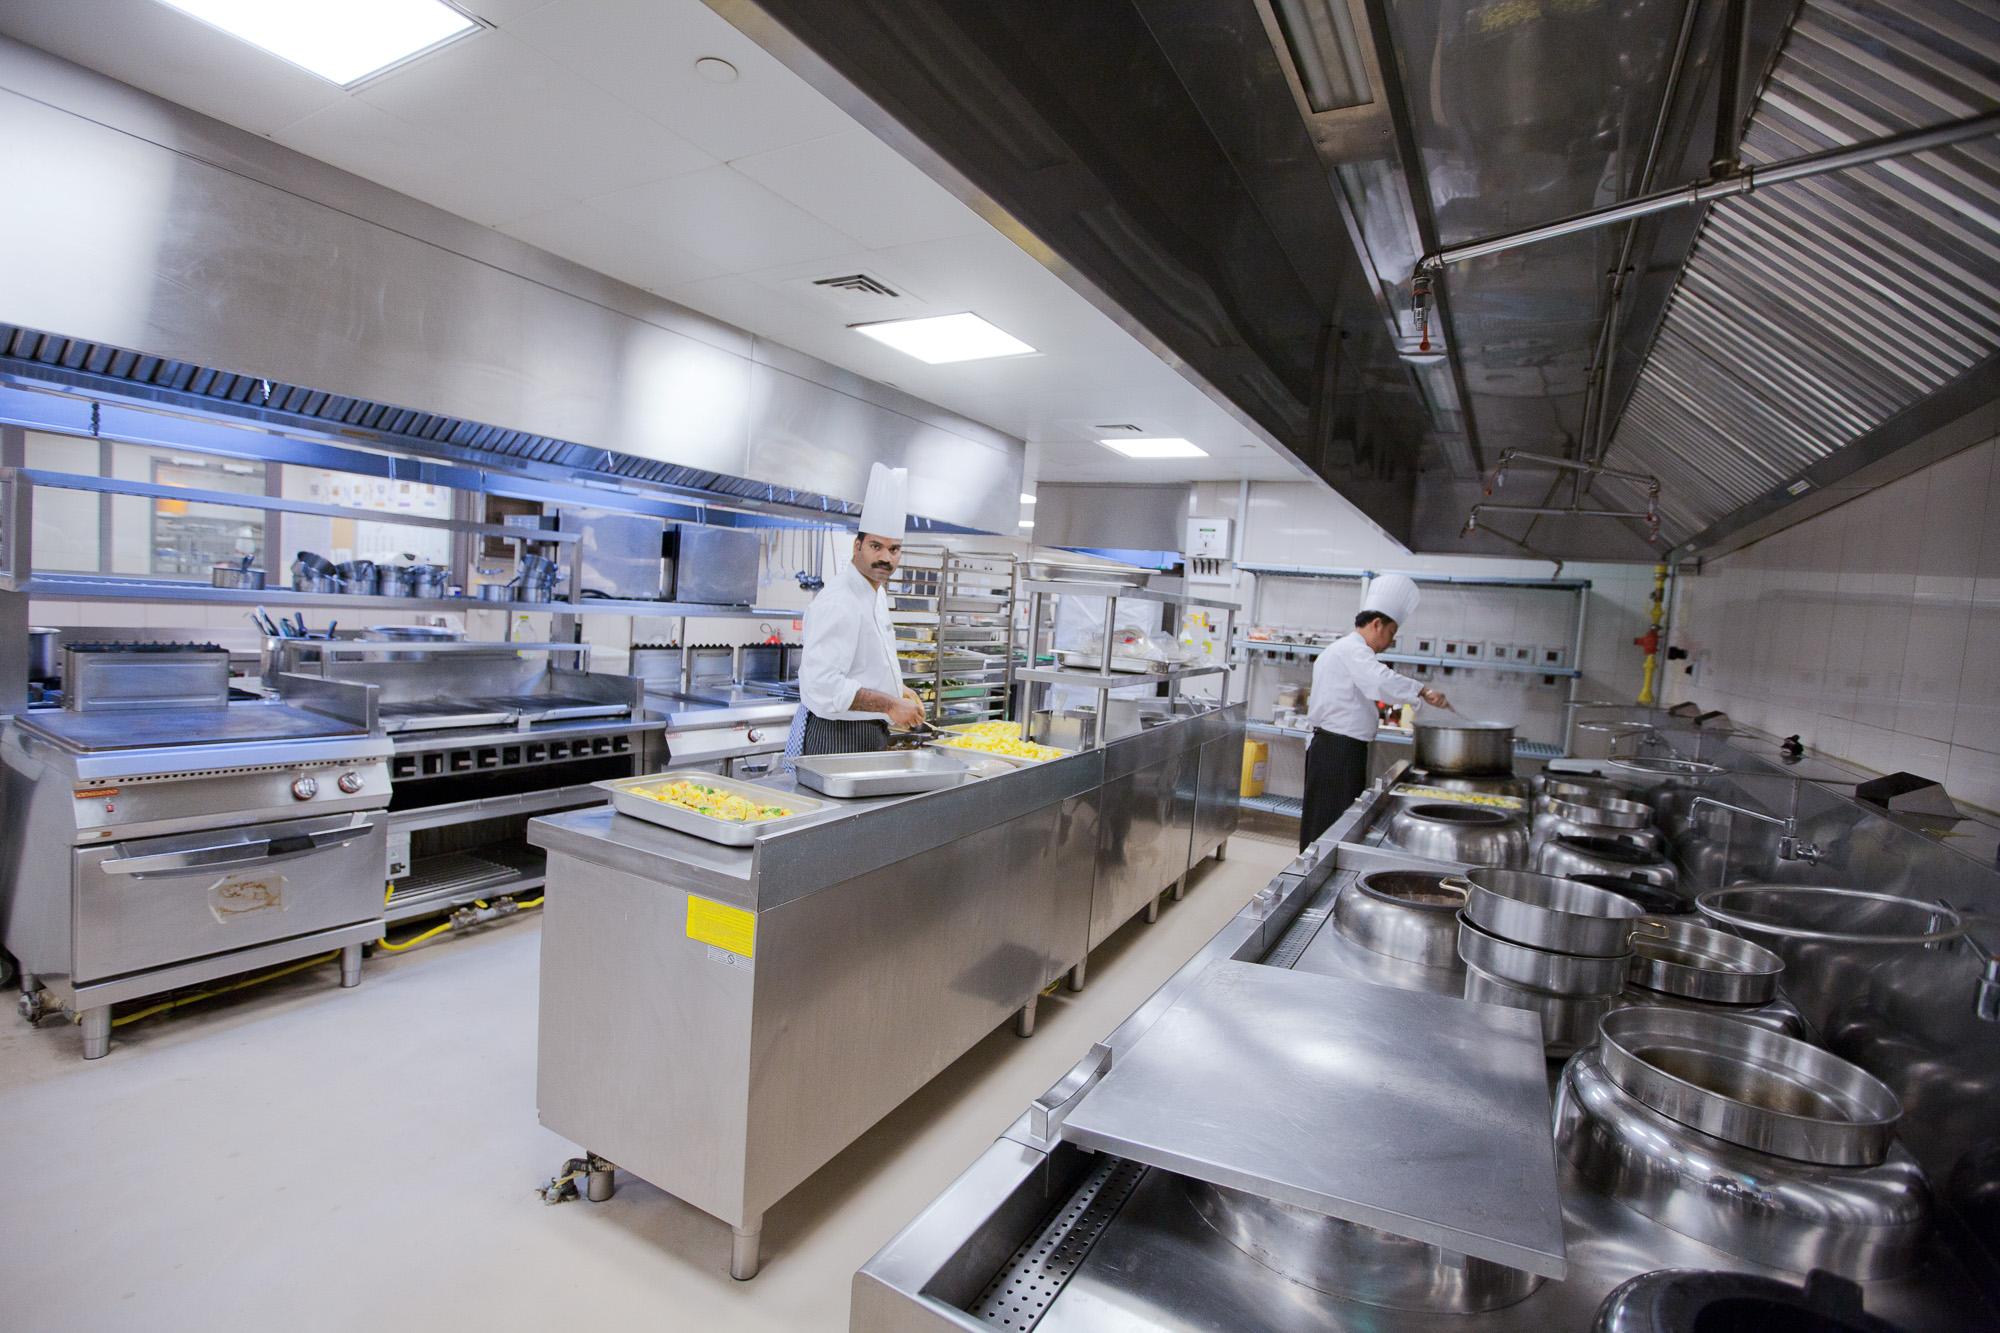 Italia_kitchen_-meydan-2